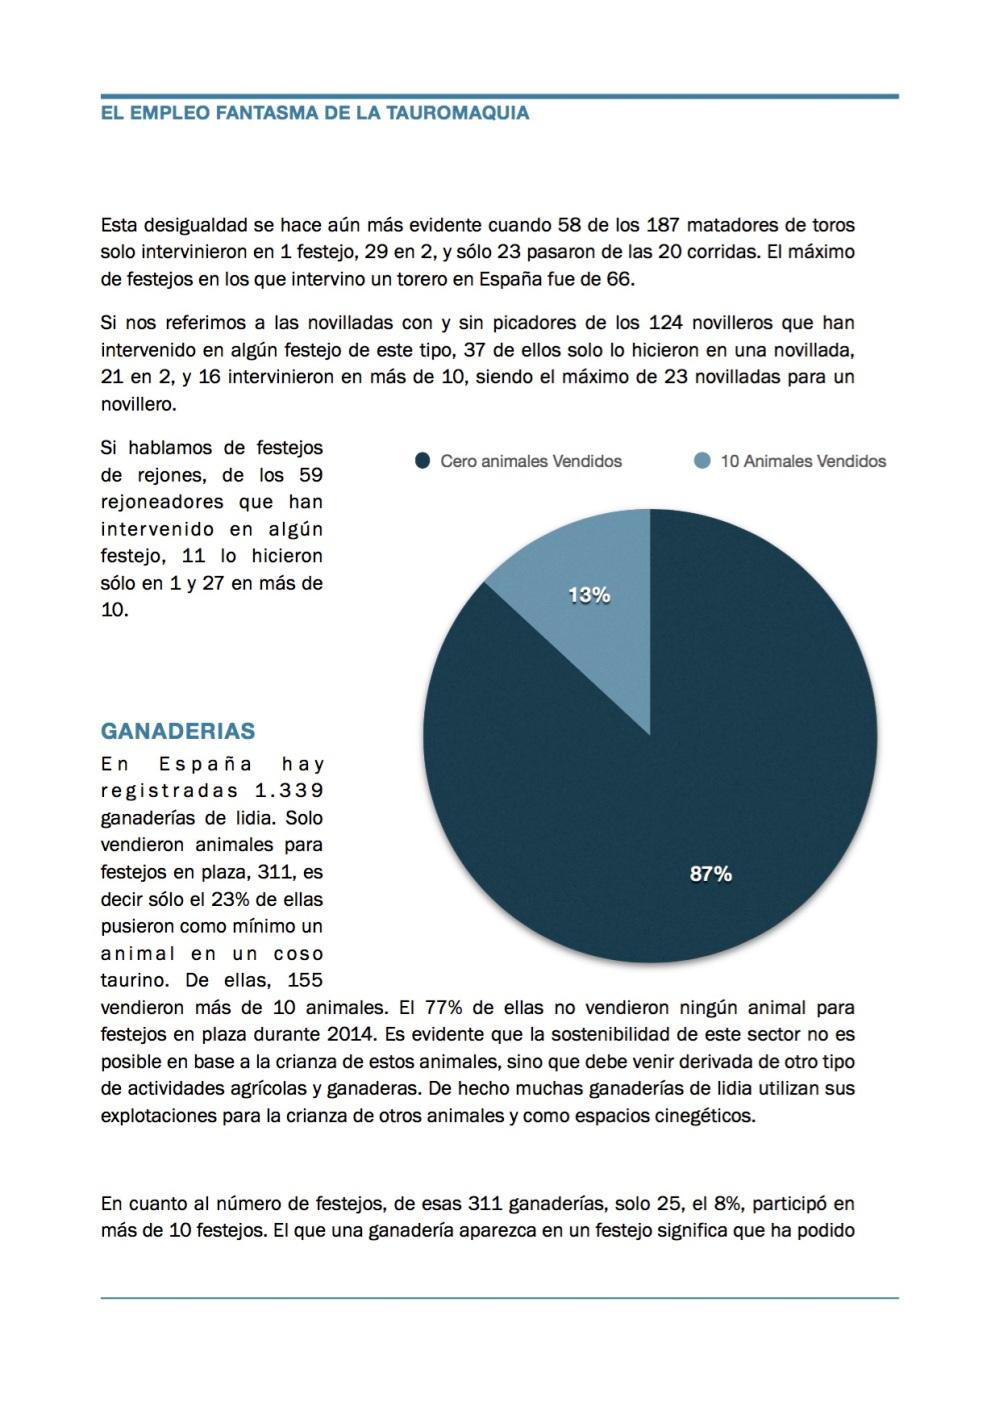 dossierempleoytauromaquia-7